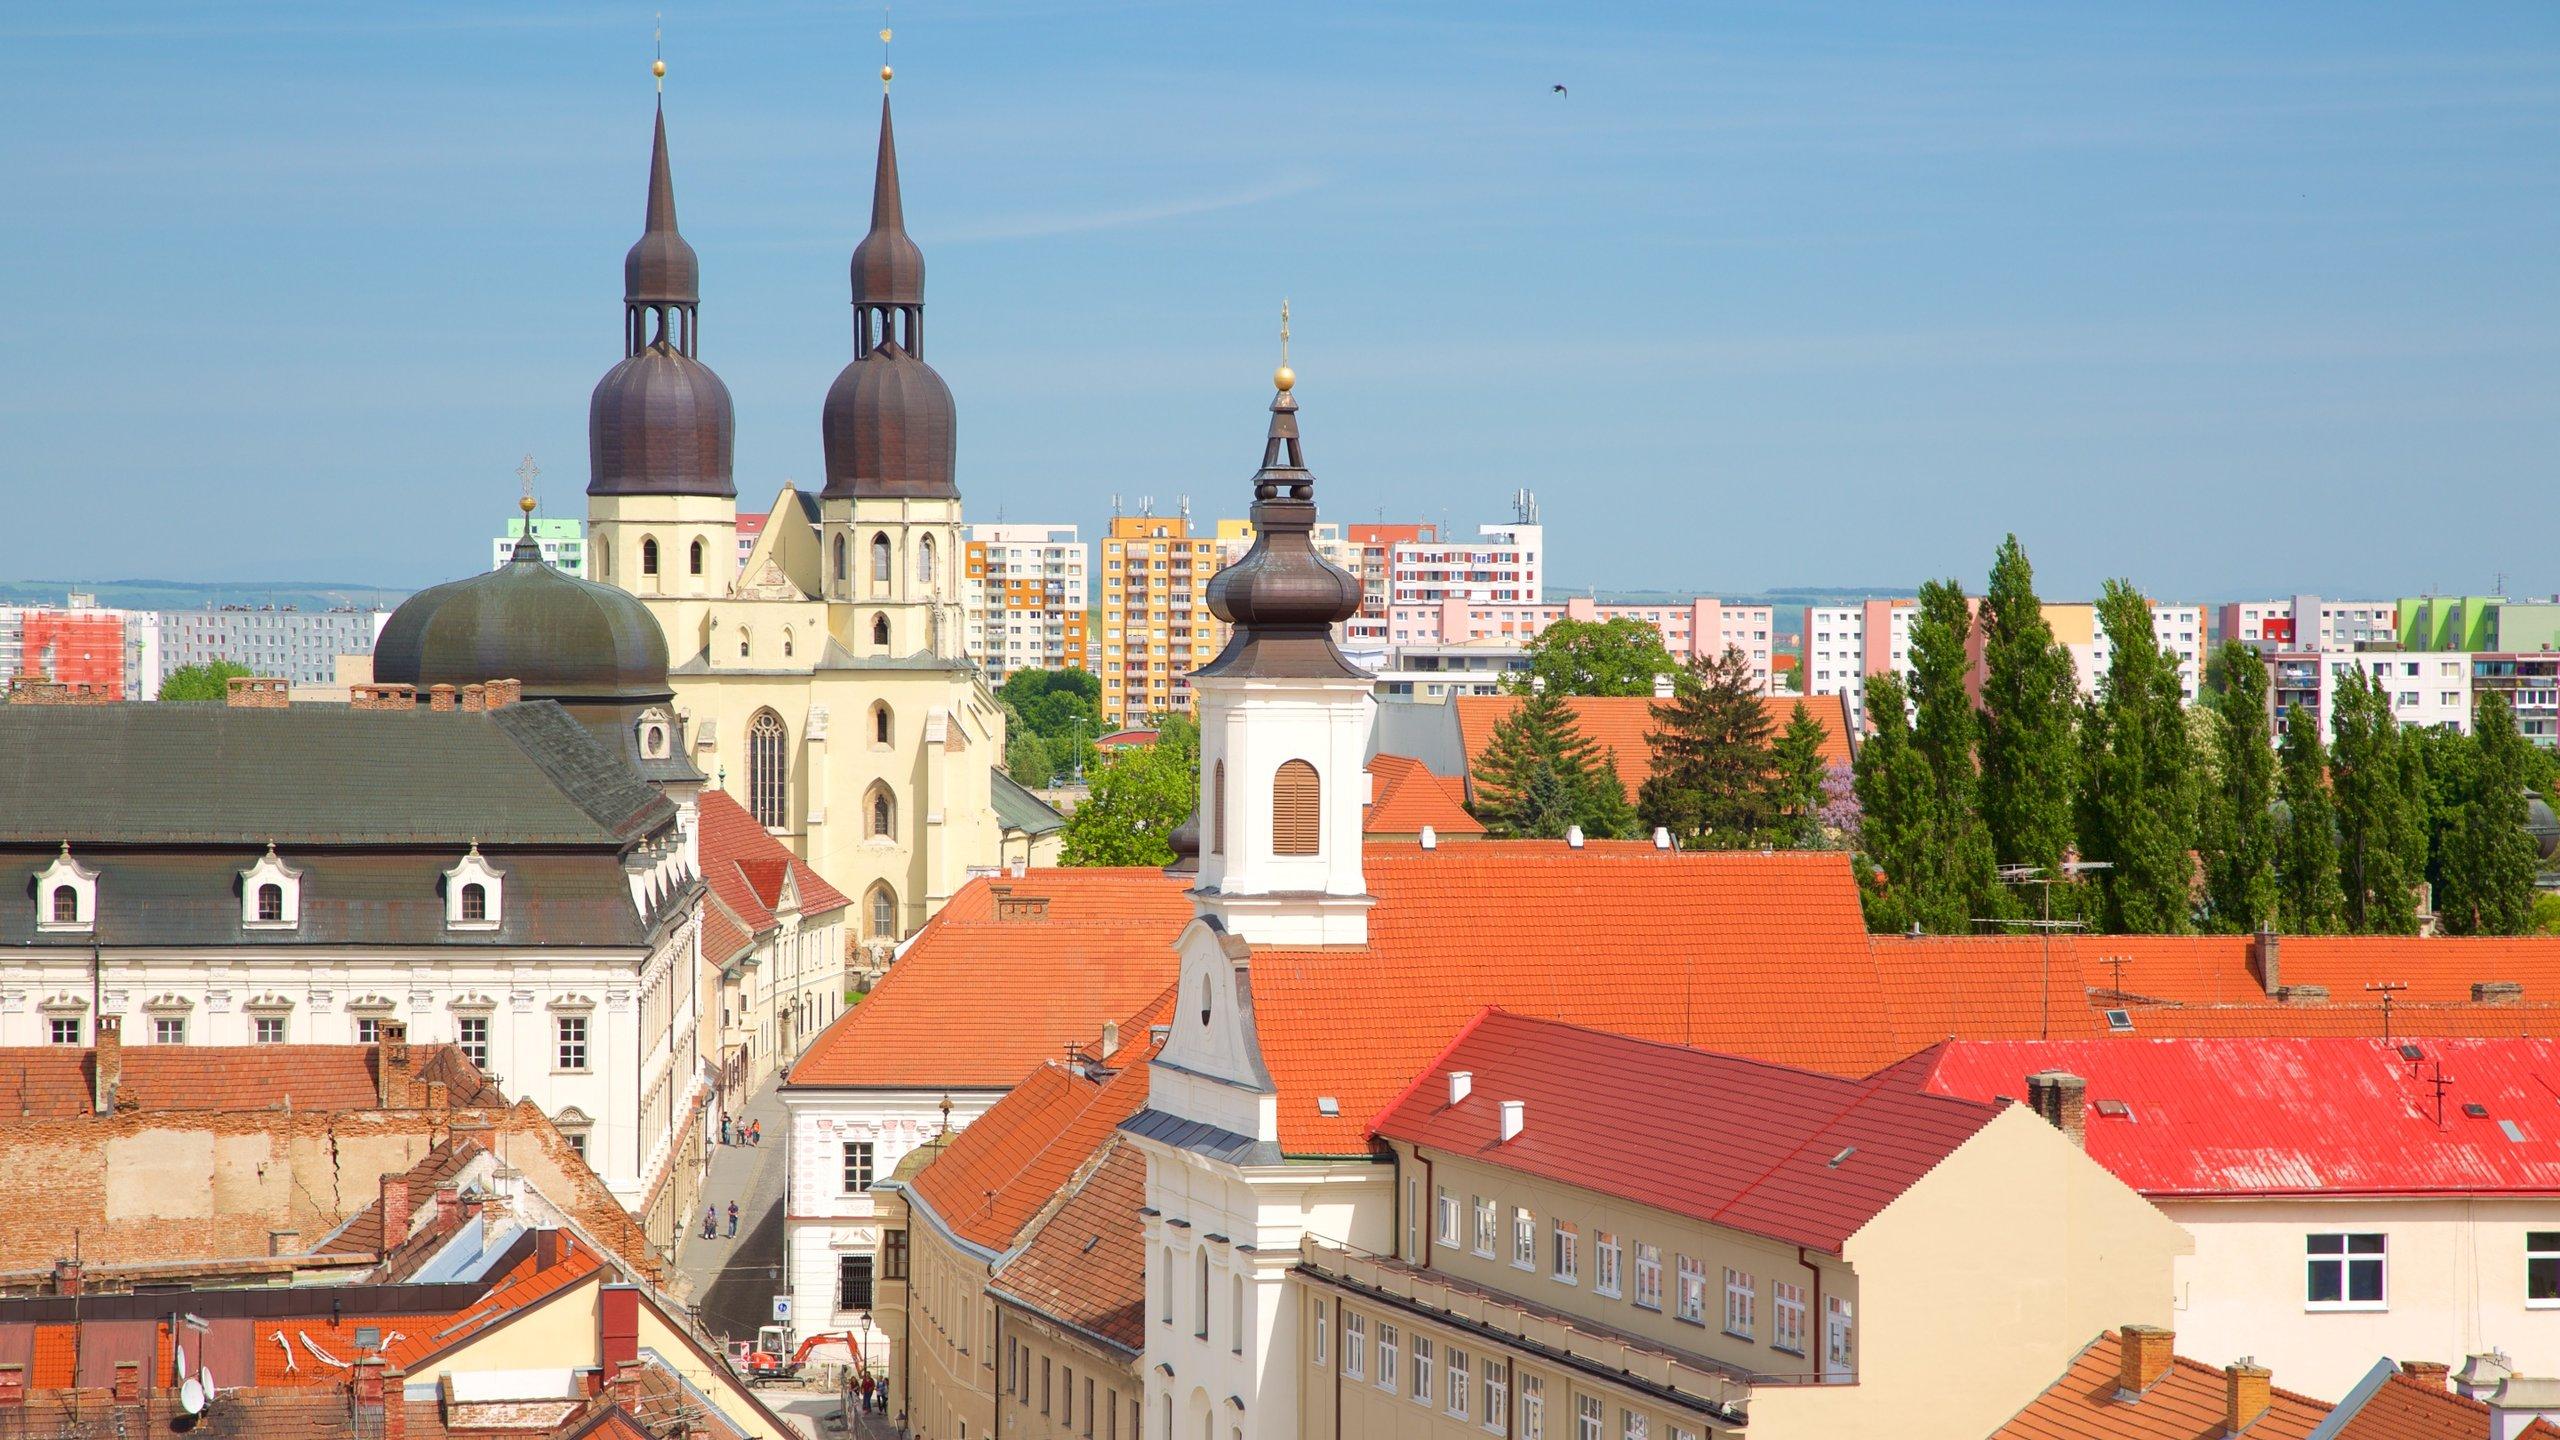 Catedral de São João Batista em Trnava (Katedrála svätého Jána Krstiteľa), Trnava, Trnavský kraj, Eslováquia